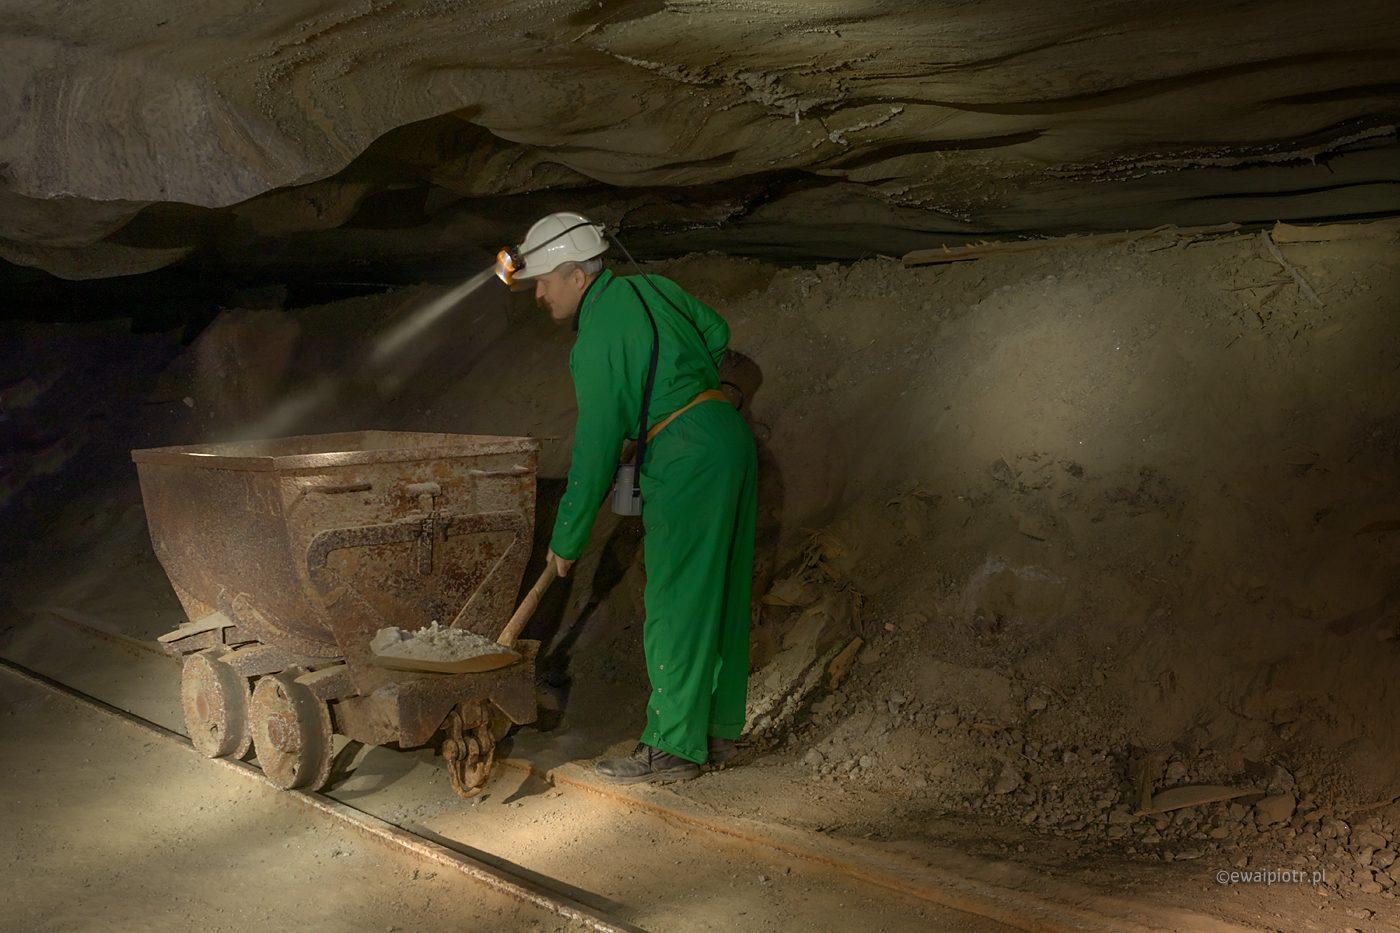 Górnik przy pracy, warsztaty fotograficzne Wieliczka